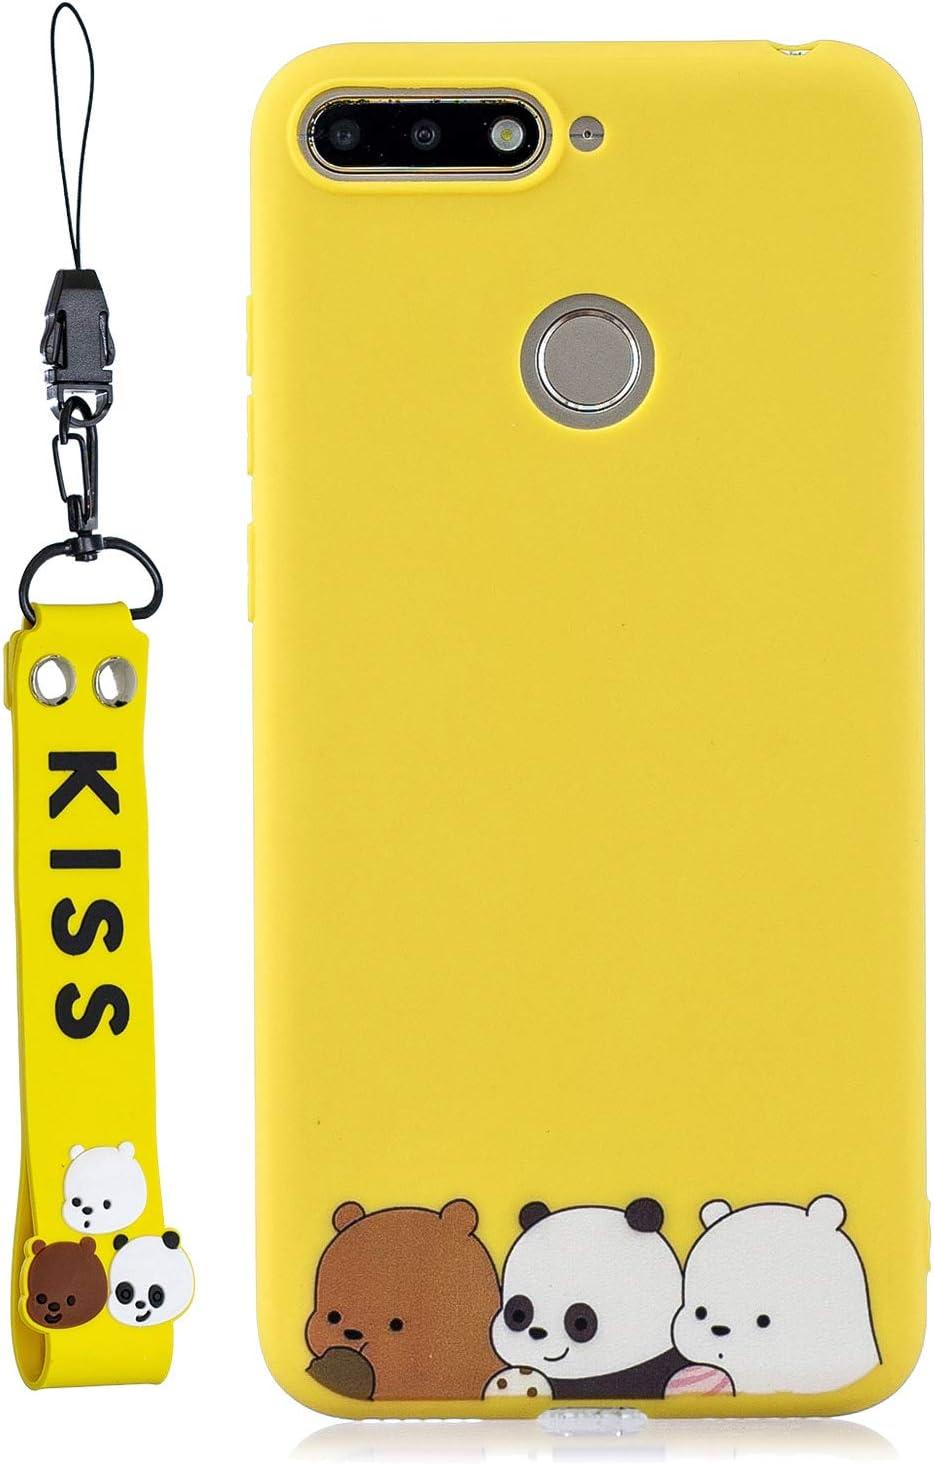 Bigcousin Funda con Cuerda Compatible con Huawei P10,Transparente de TPU con Ajustable Collar Cadena Cord/ón,Multicolor